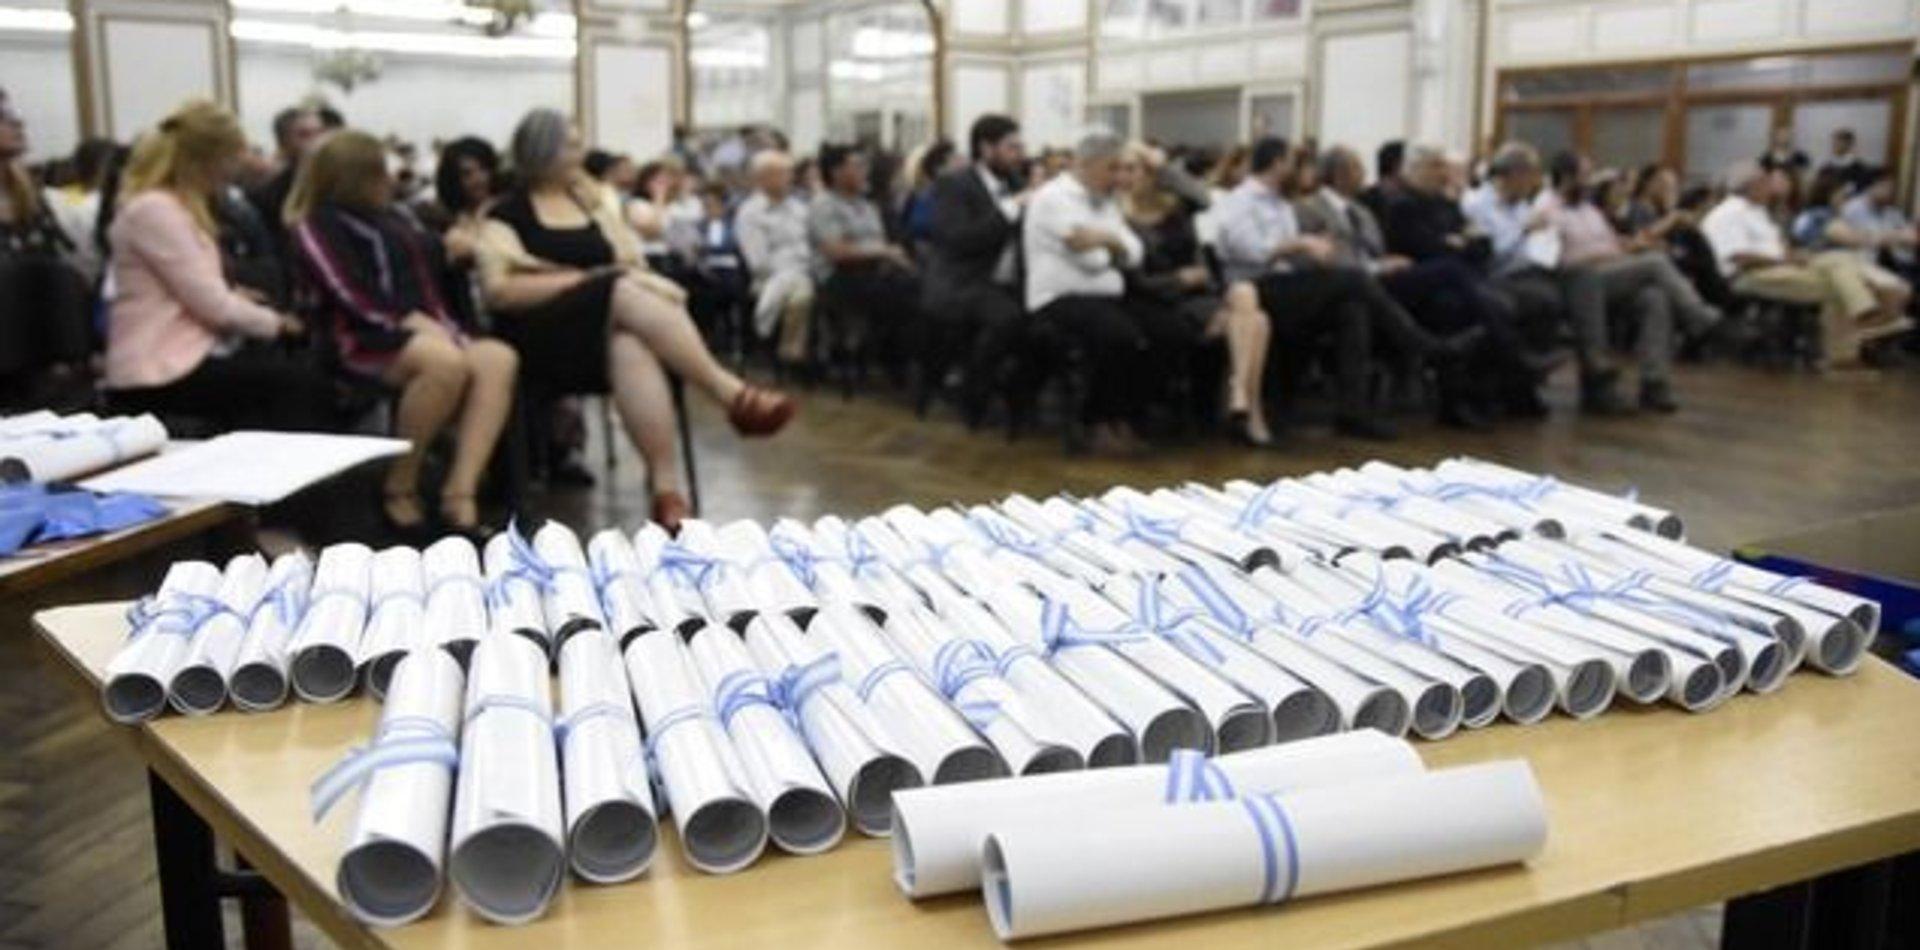 Malestar en la UNLP: ¿por qué tarda tanto la entrega de títulos universitarios?